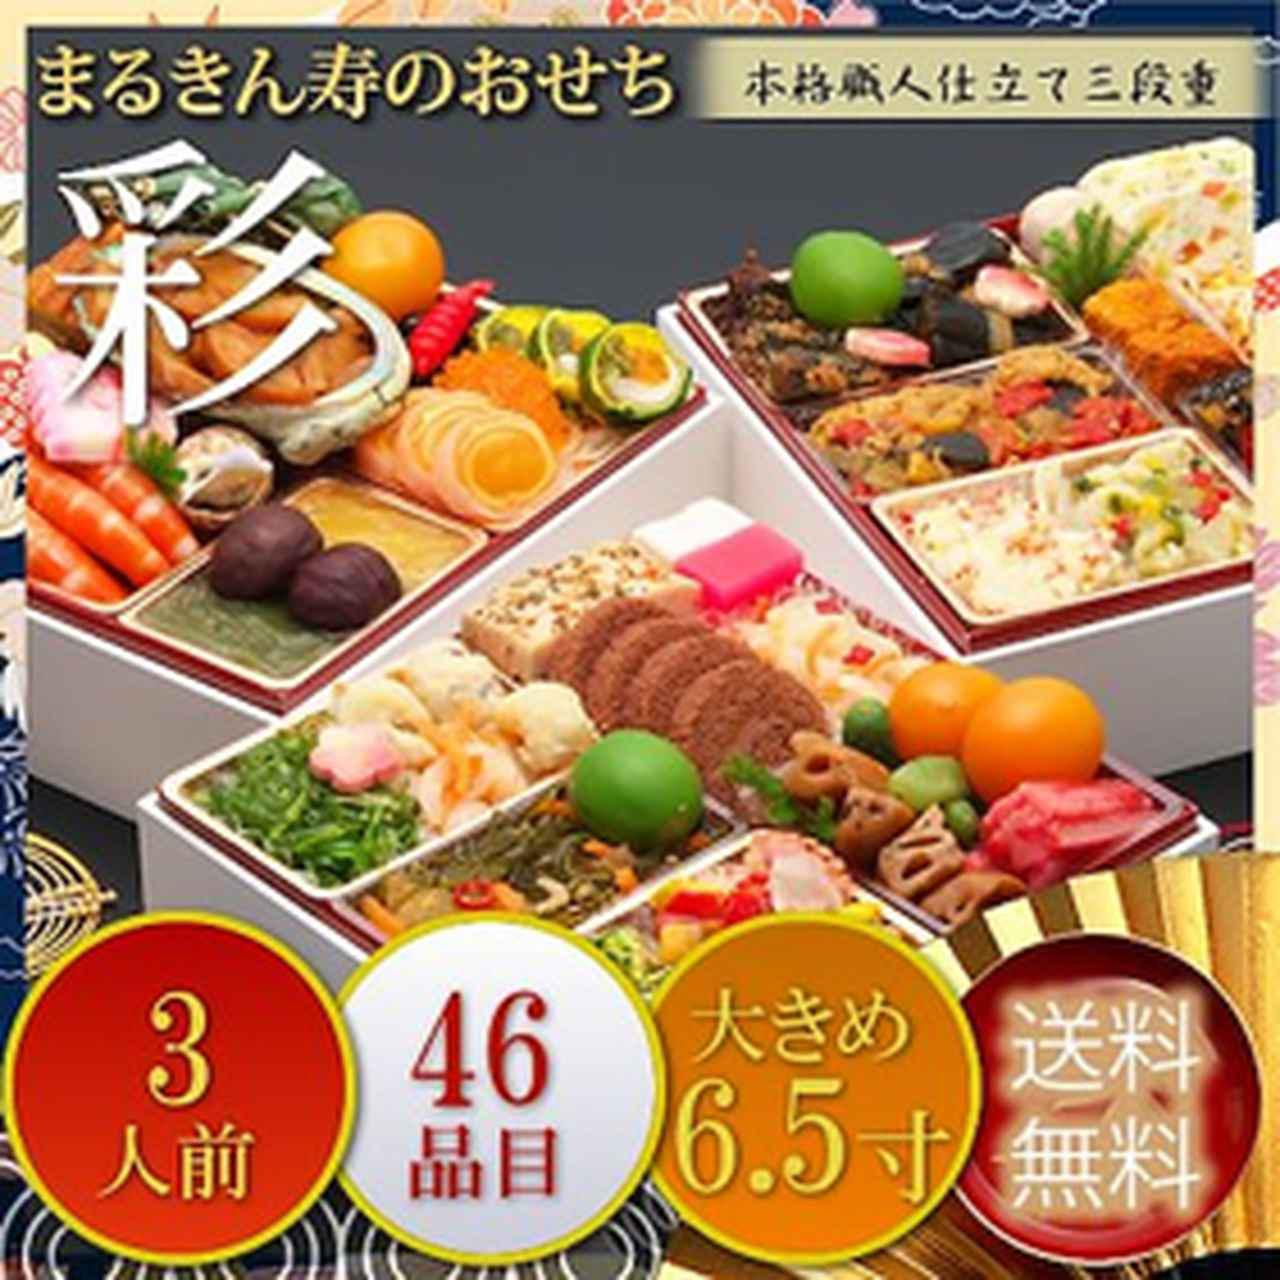 画像: 【3位】まるきん寿の本格職人仕立て三段重おせち「彩」